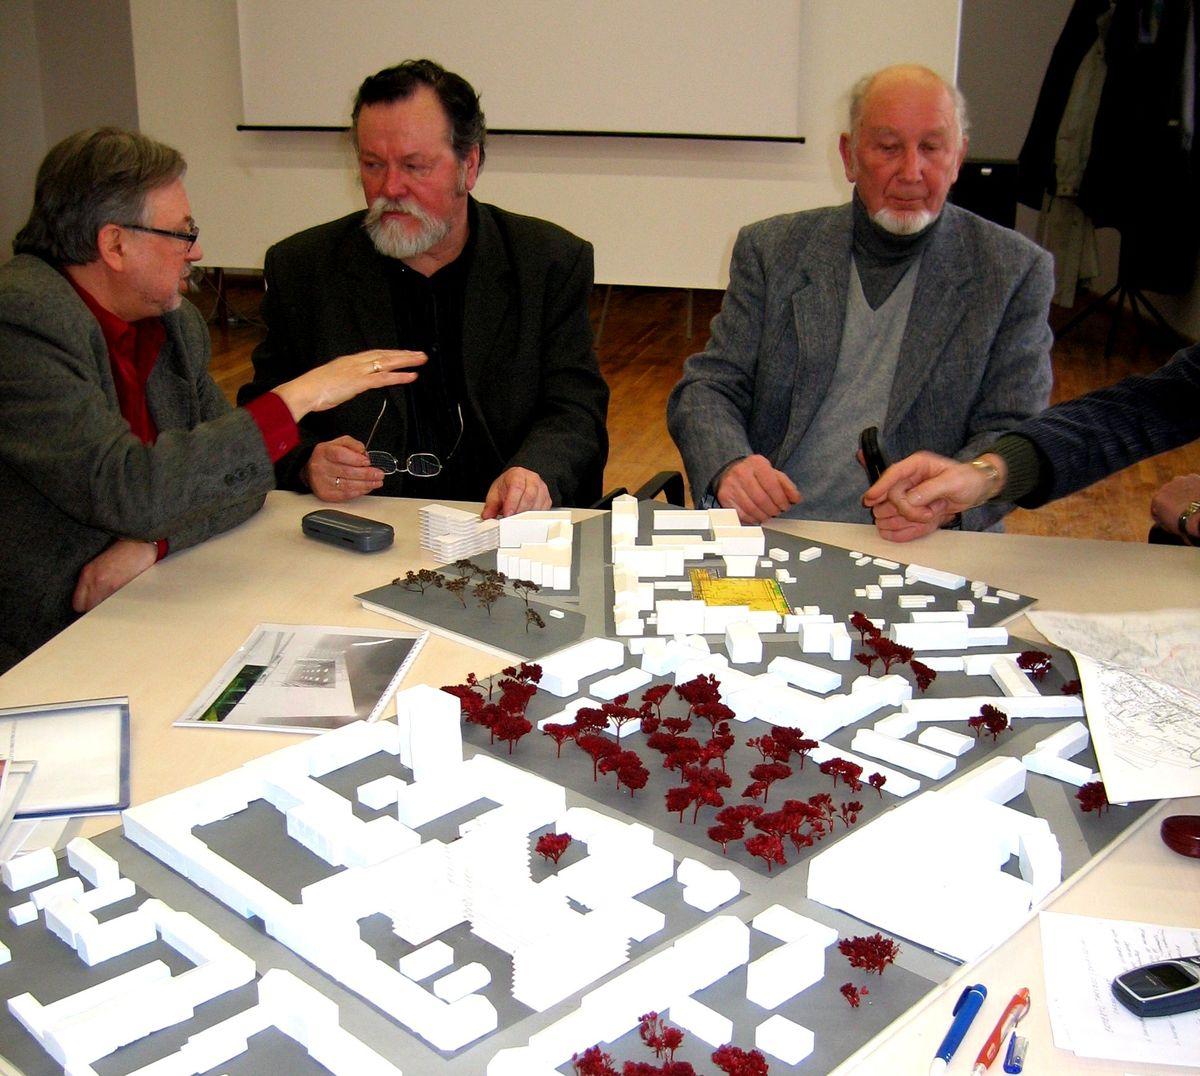 Greta architekto darbo, Alfredas Jakučiūnas ilgus metus dirbo įvairiausiose architektūrinėse komisijose ir tarybose. Foto: Pilotas.LT archyvas, 2005.